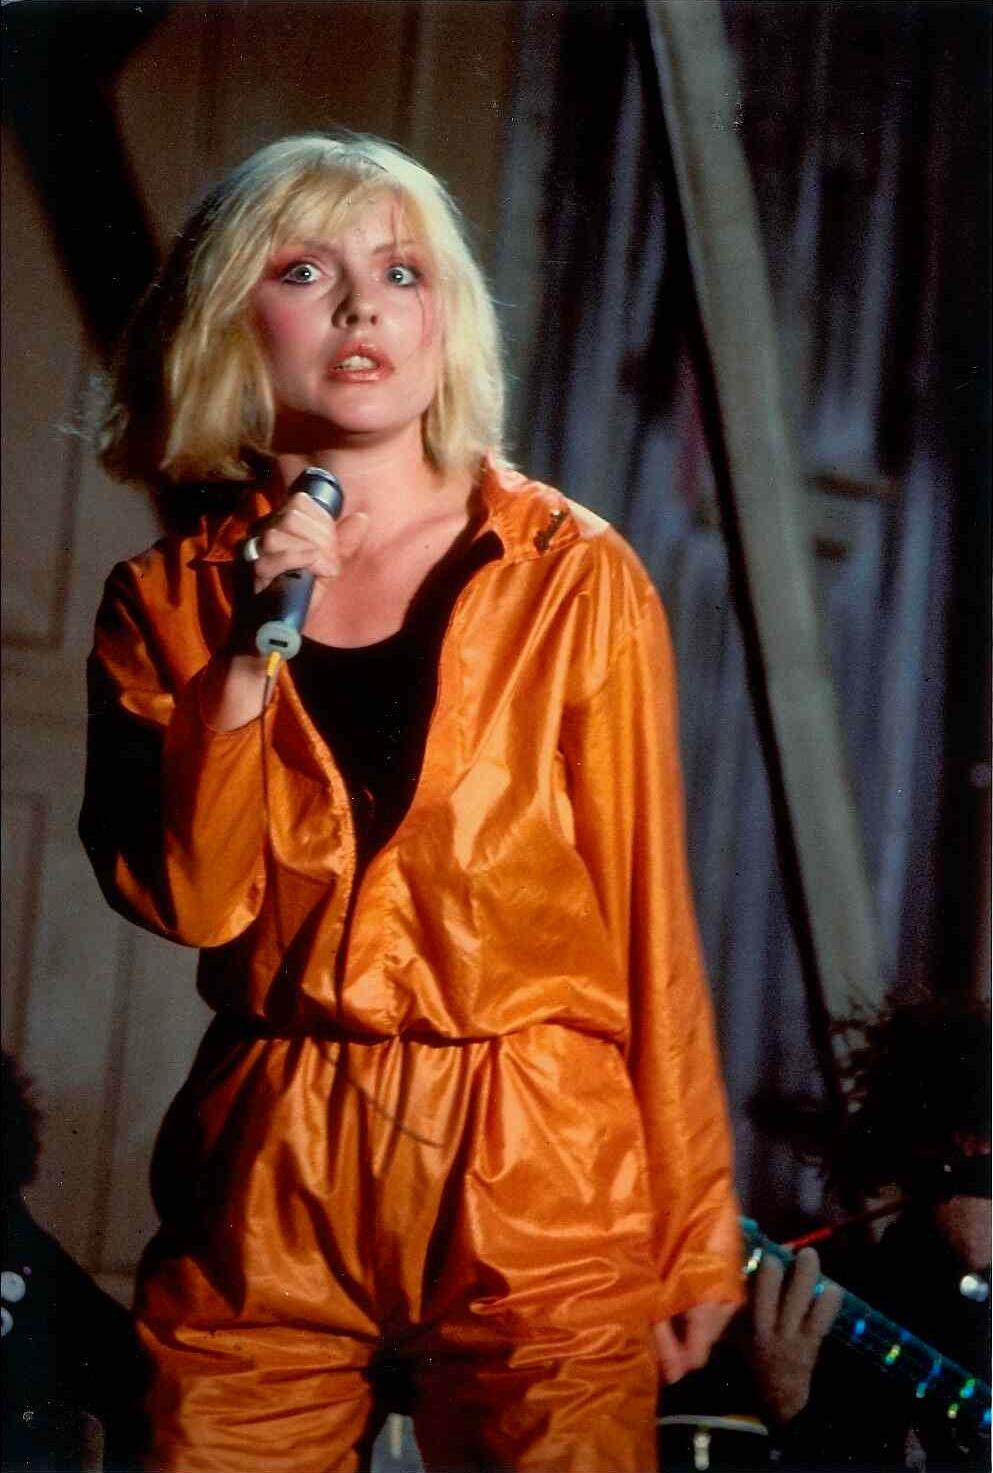 Episode 509: Debbie Harry